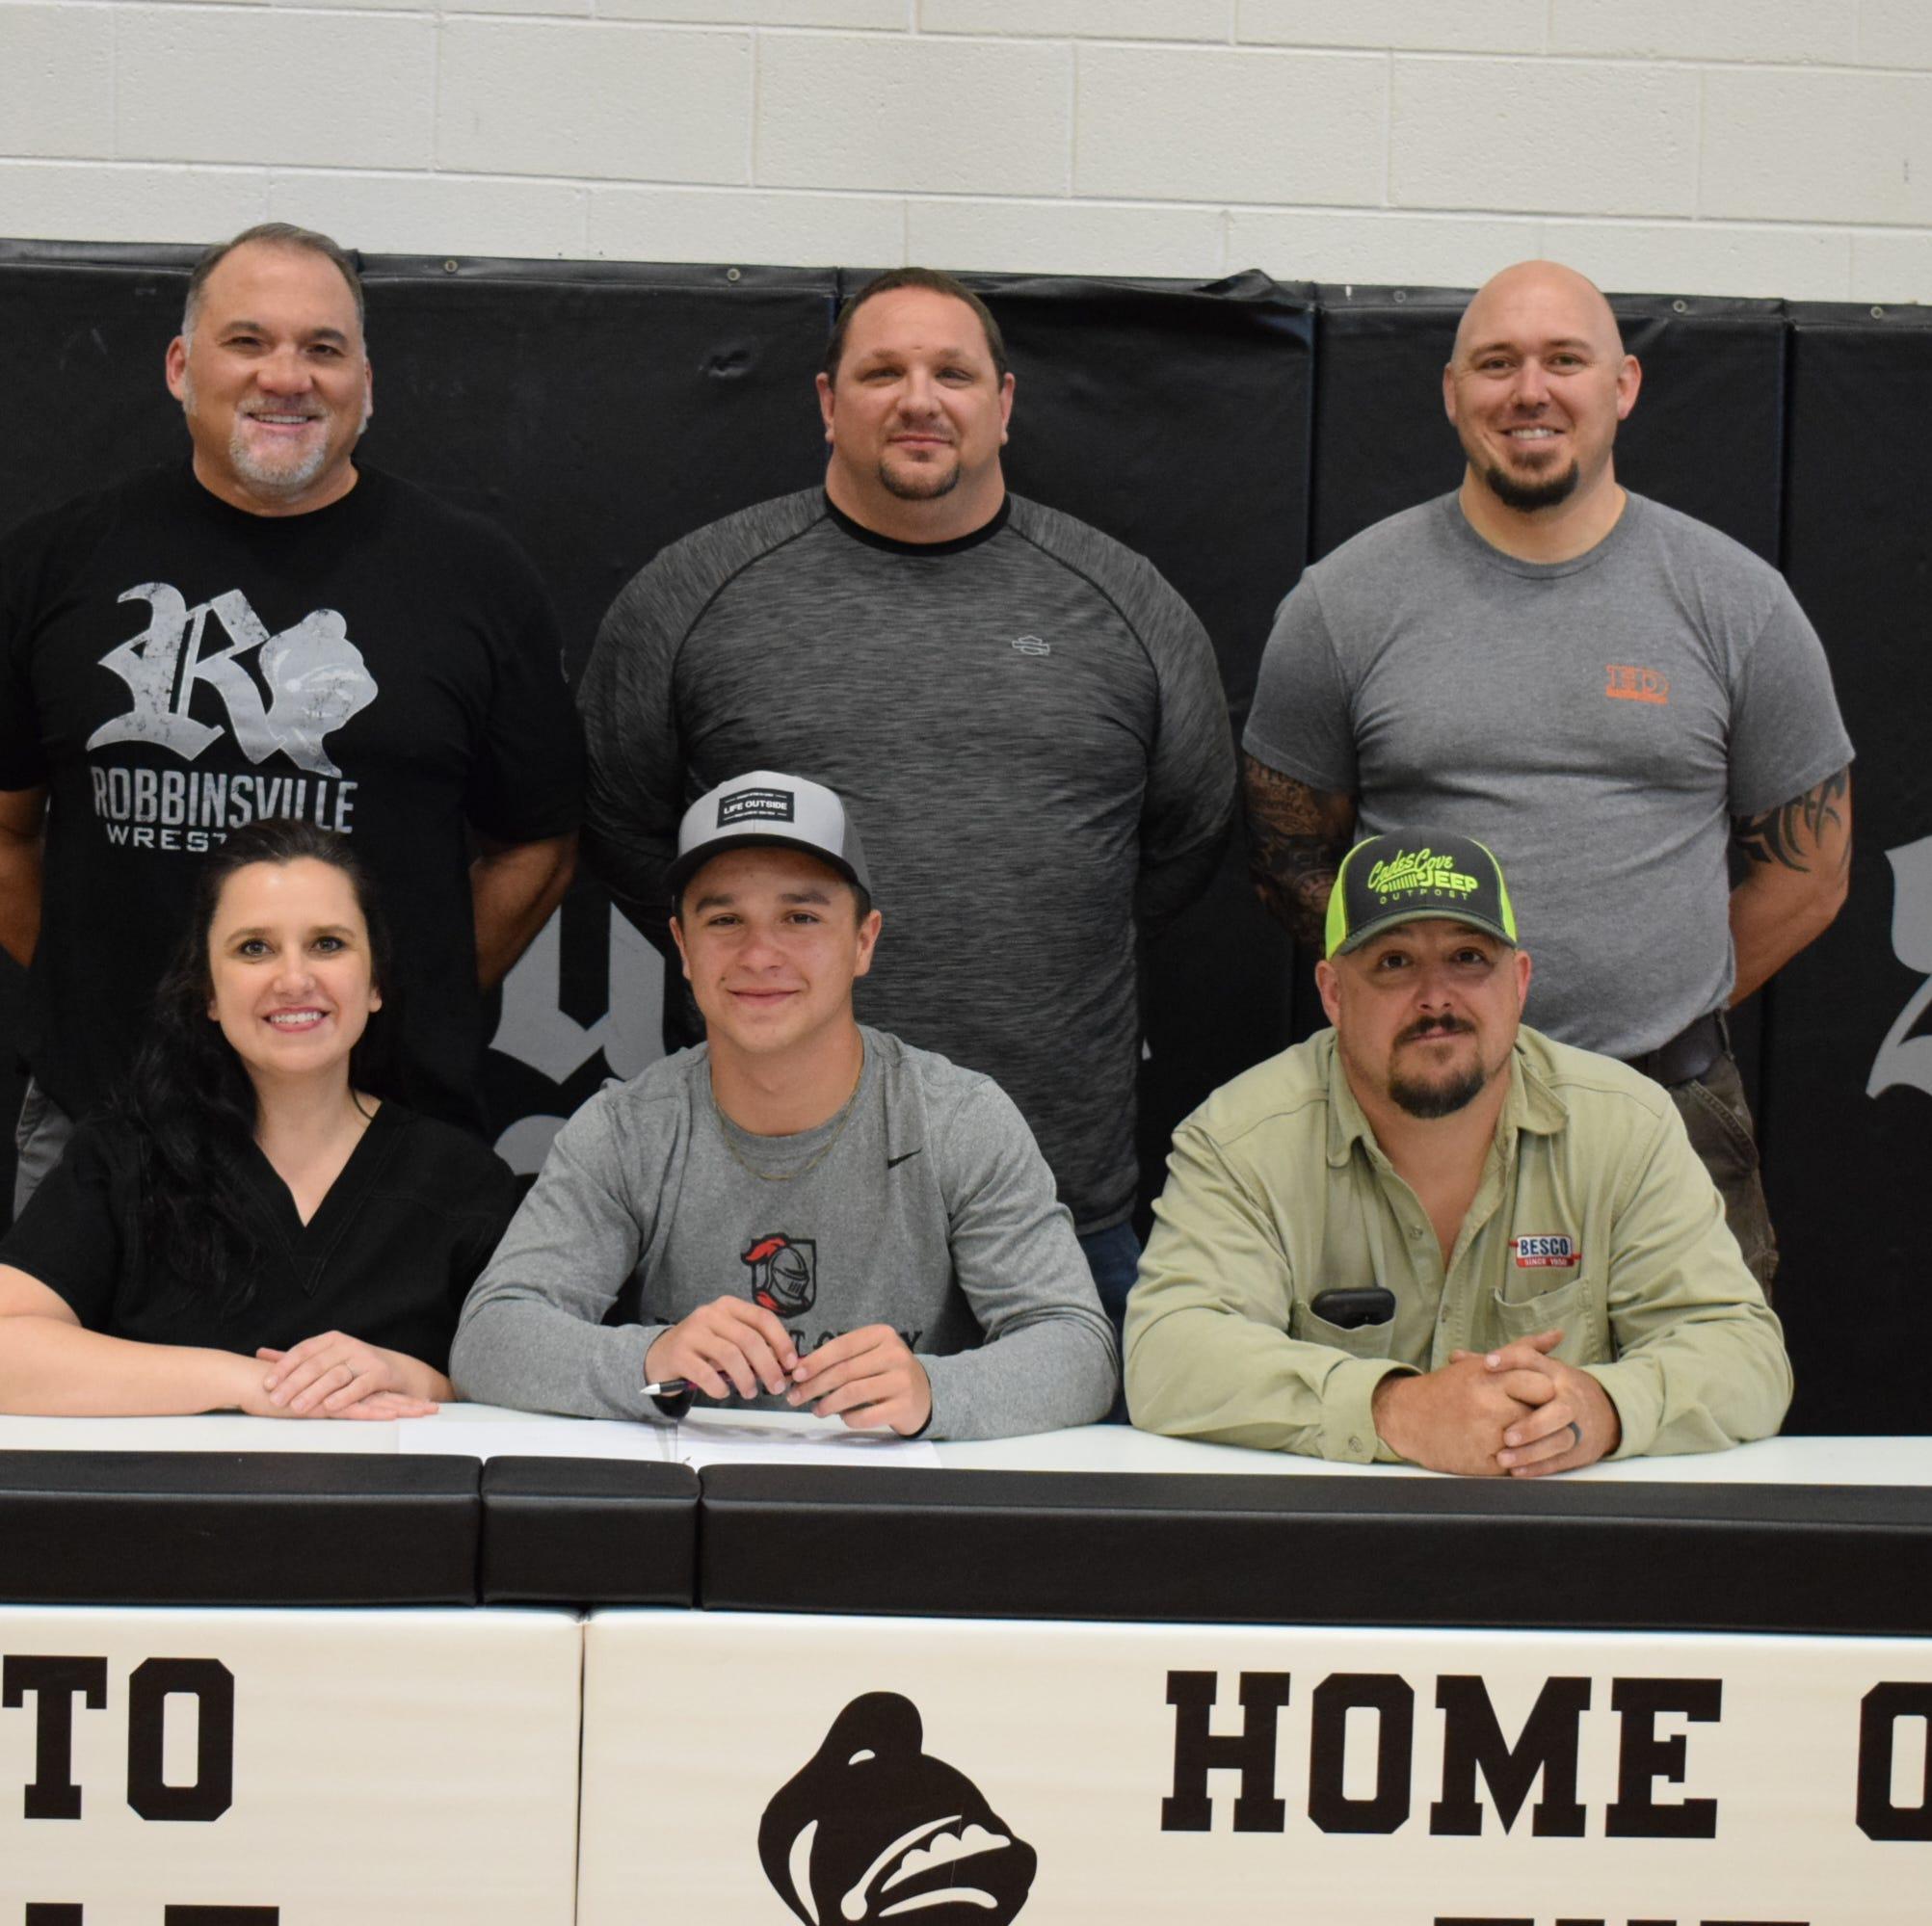 Robbinsville wrestler signs with college program